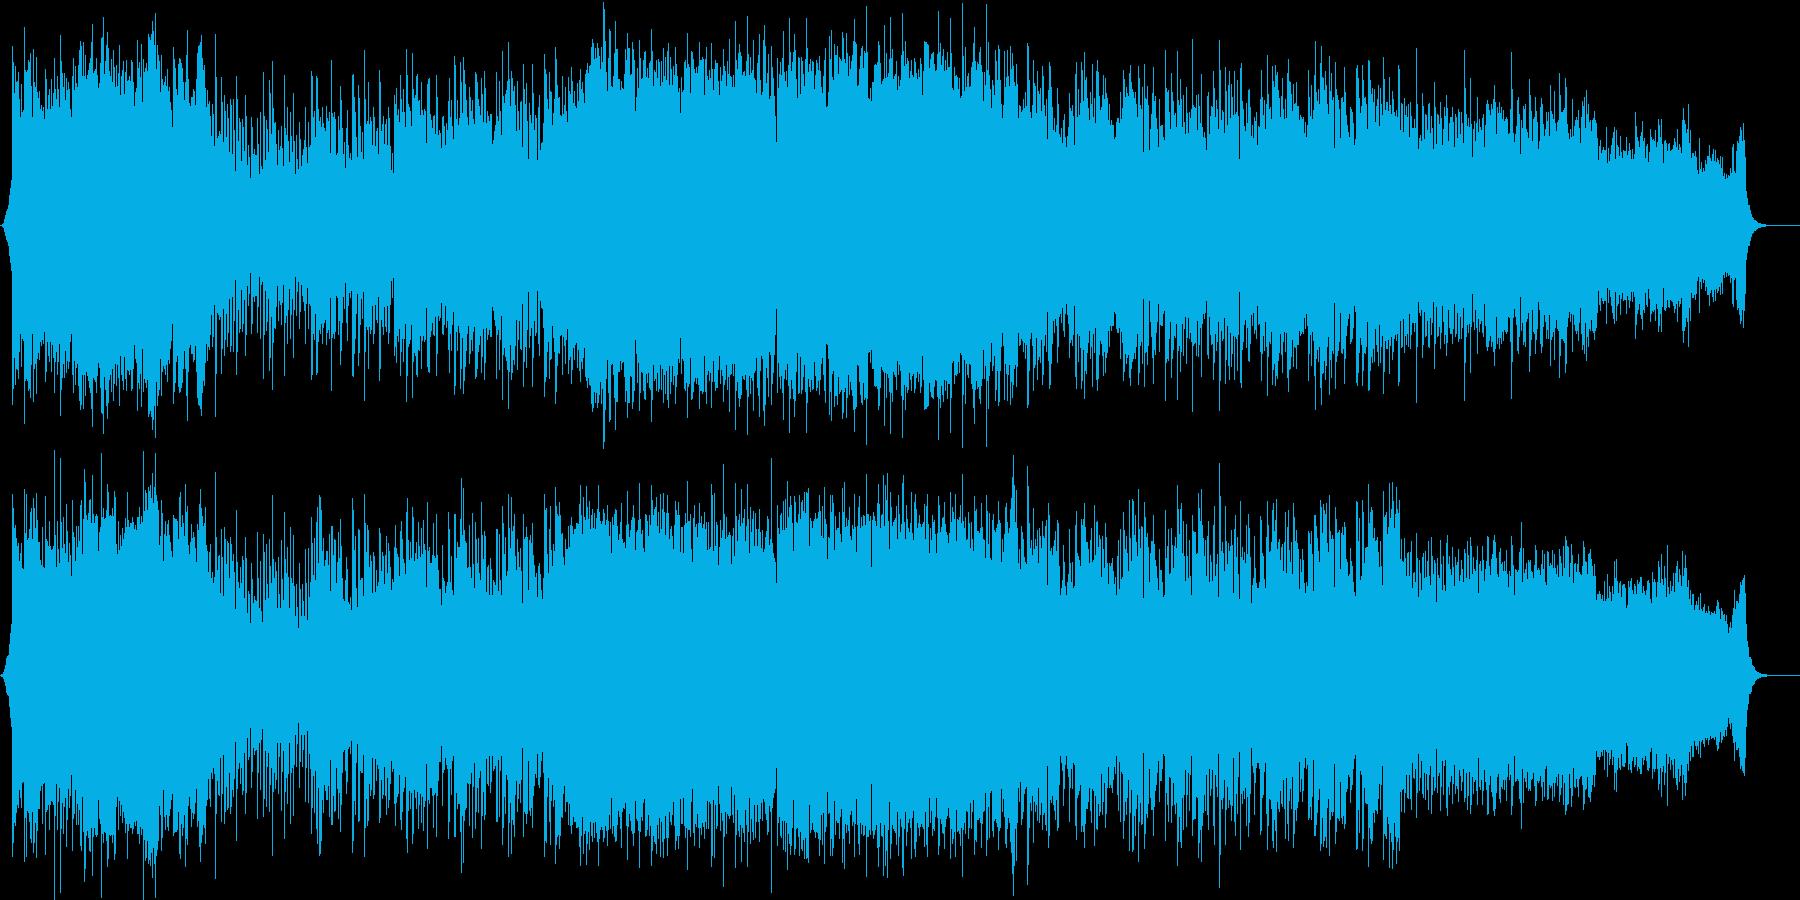 イベント 映像 オープニング曲の再生済みの波形